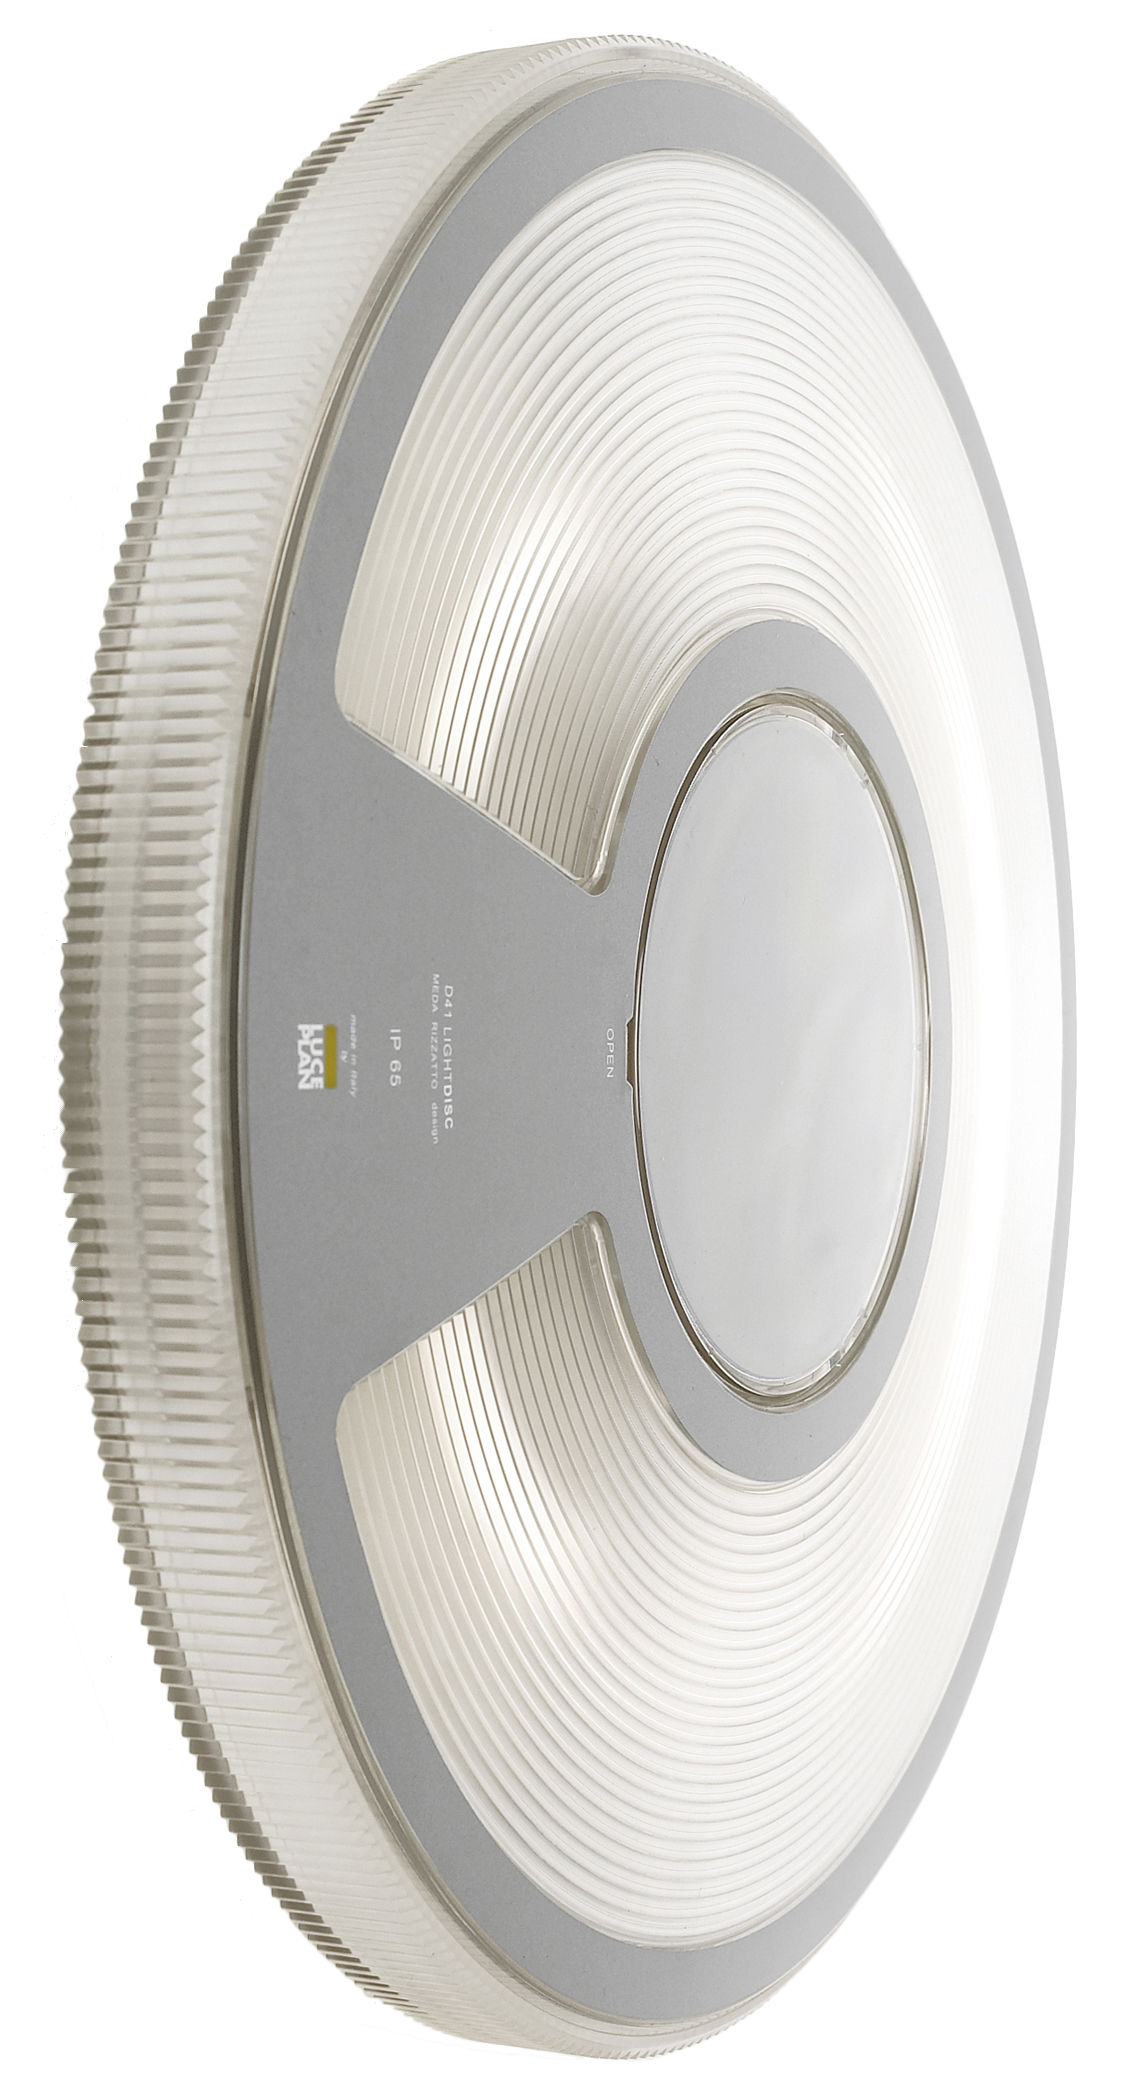 Luminaire - Appliques - Applique d'extérieur Lightdisc / Plafonnier - Ø 32 cm - Luceplan - Transparent - Polycarbonate